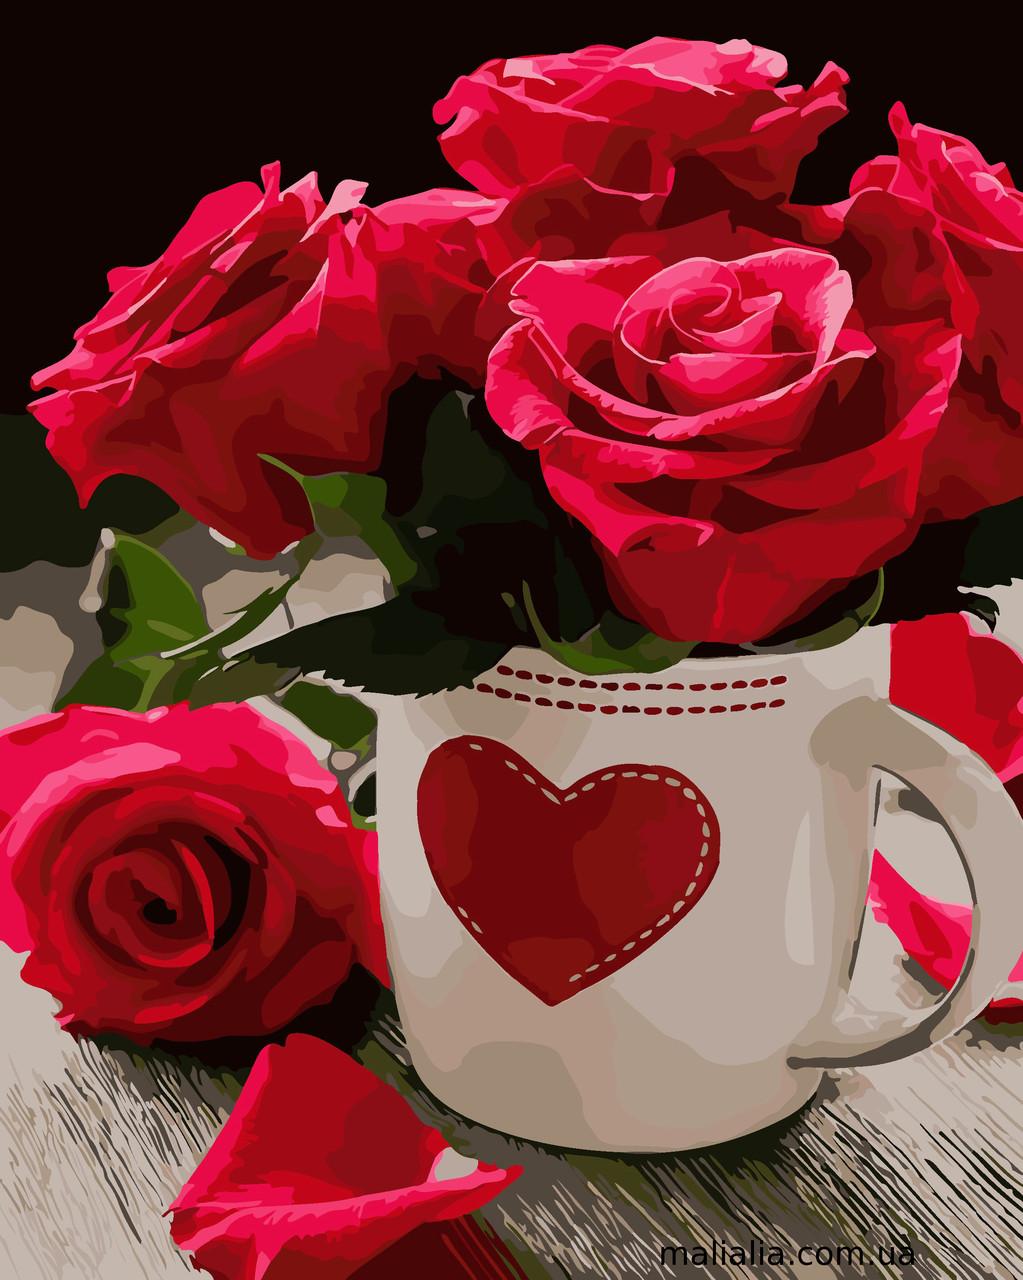 Картины по номерам 40*50 см В КОРОБКЕ Яркие розы Artstory